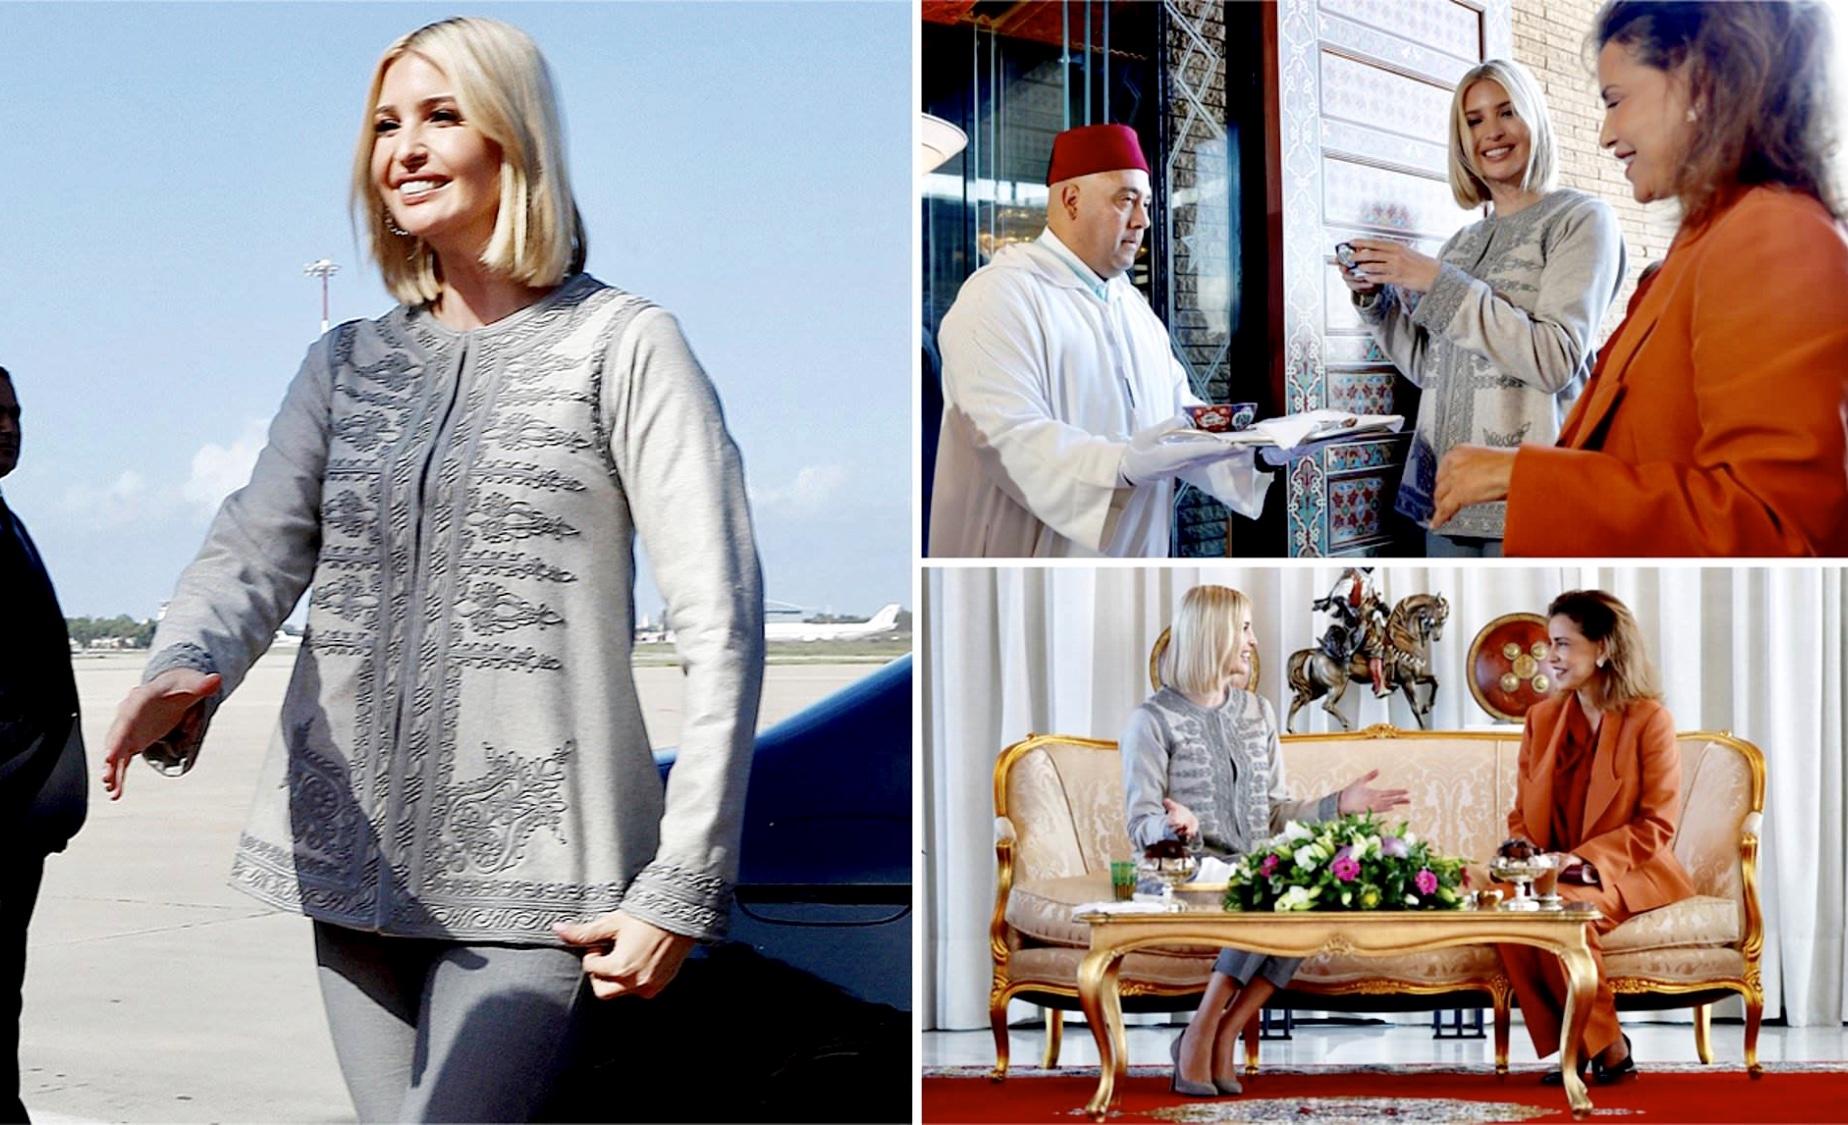 صور/إيفانكا ترامب تحُل بالمغرب بزي تقليدي لمُصممة أزياء سلاوية